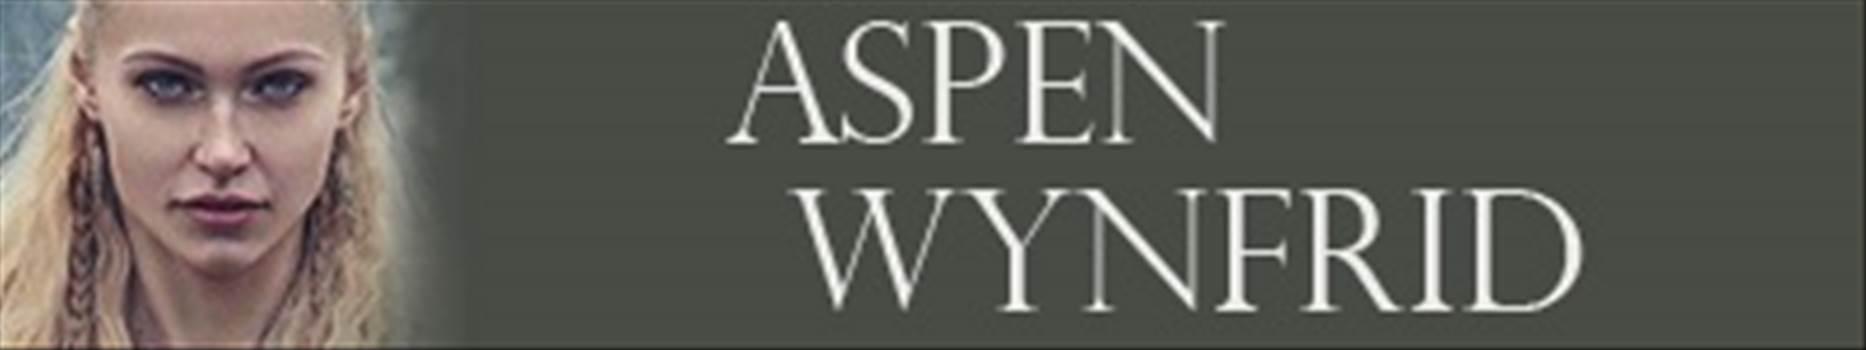 aspen.jpg by shoresofelysium